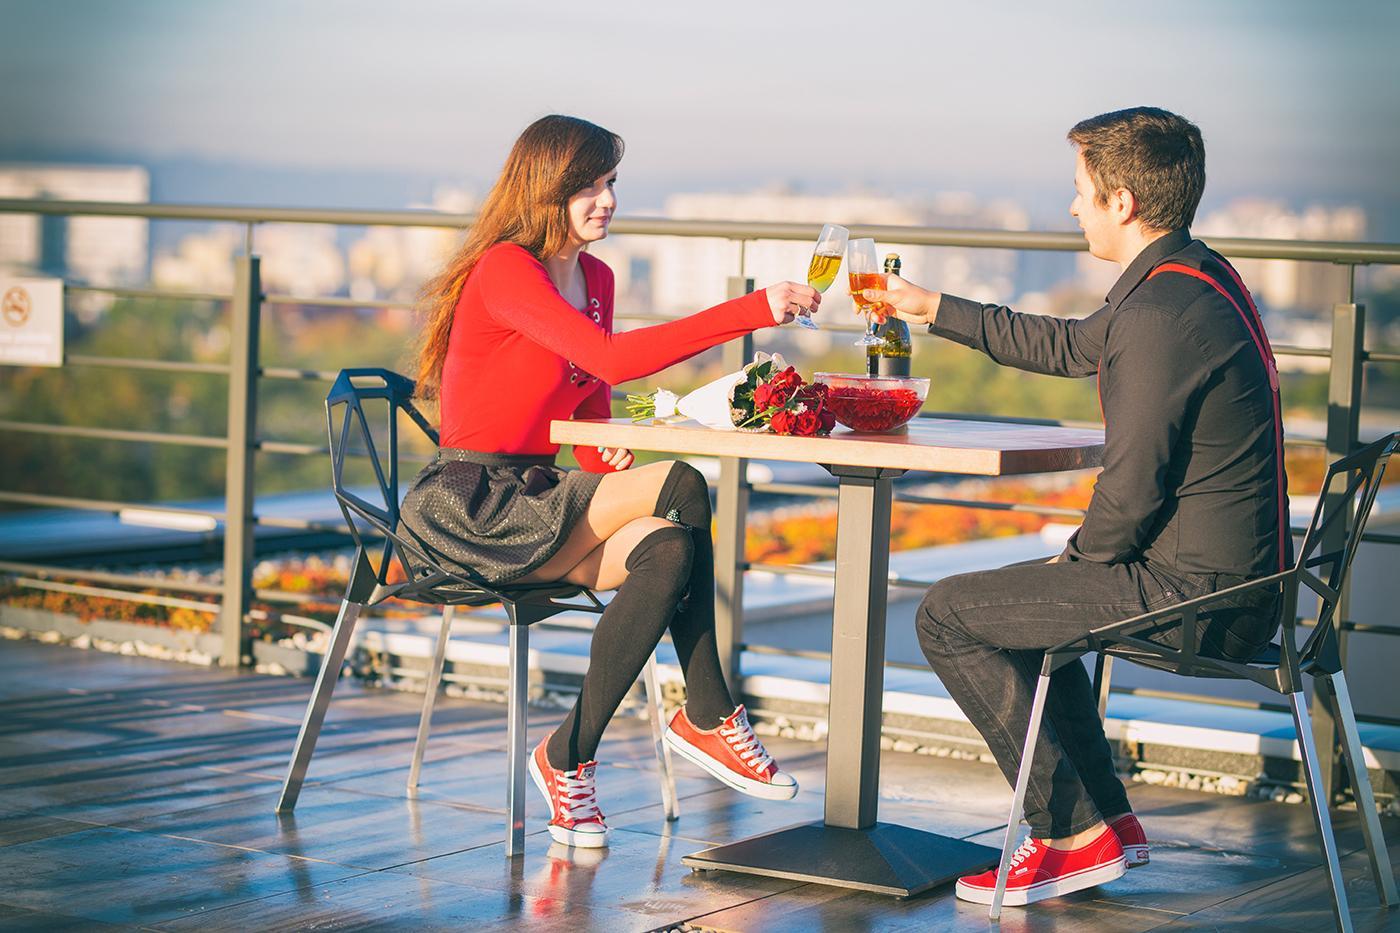 Pierwsza sesja w nowym miejscu na romantyczne sesje zdjęciowe. Przepiękne miejsce o którym mowa, to dach z widokiem na Kraków i Tatry.